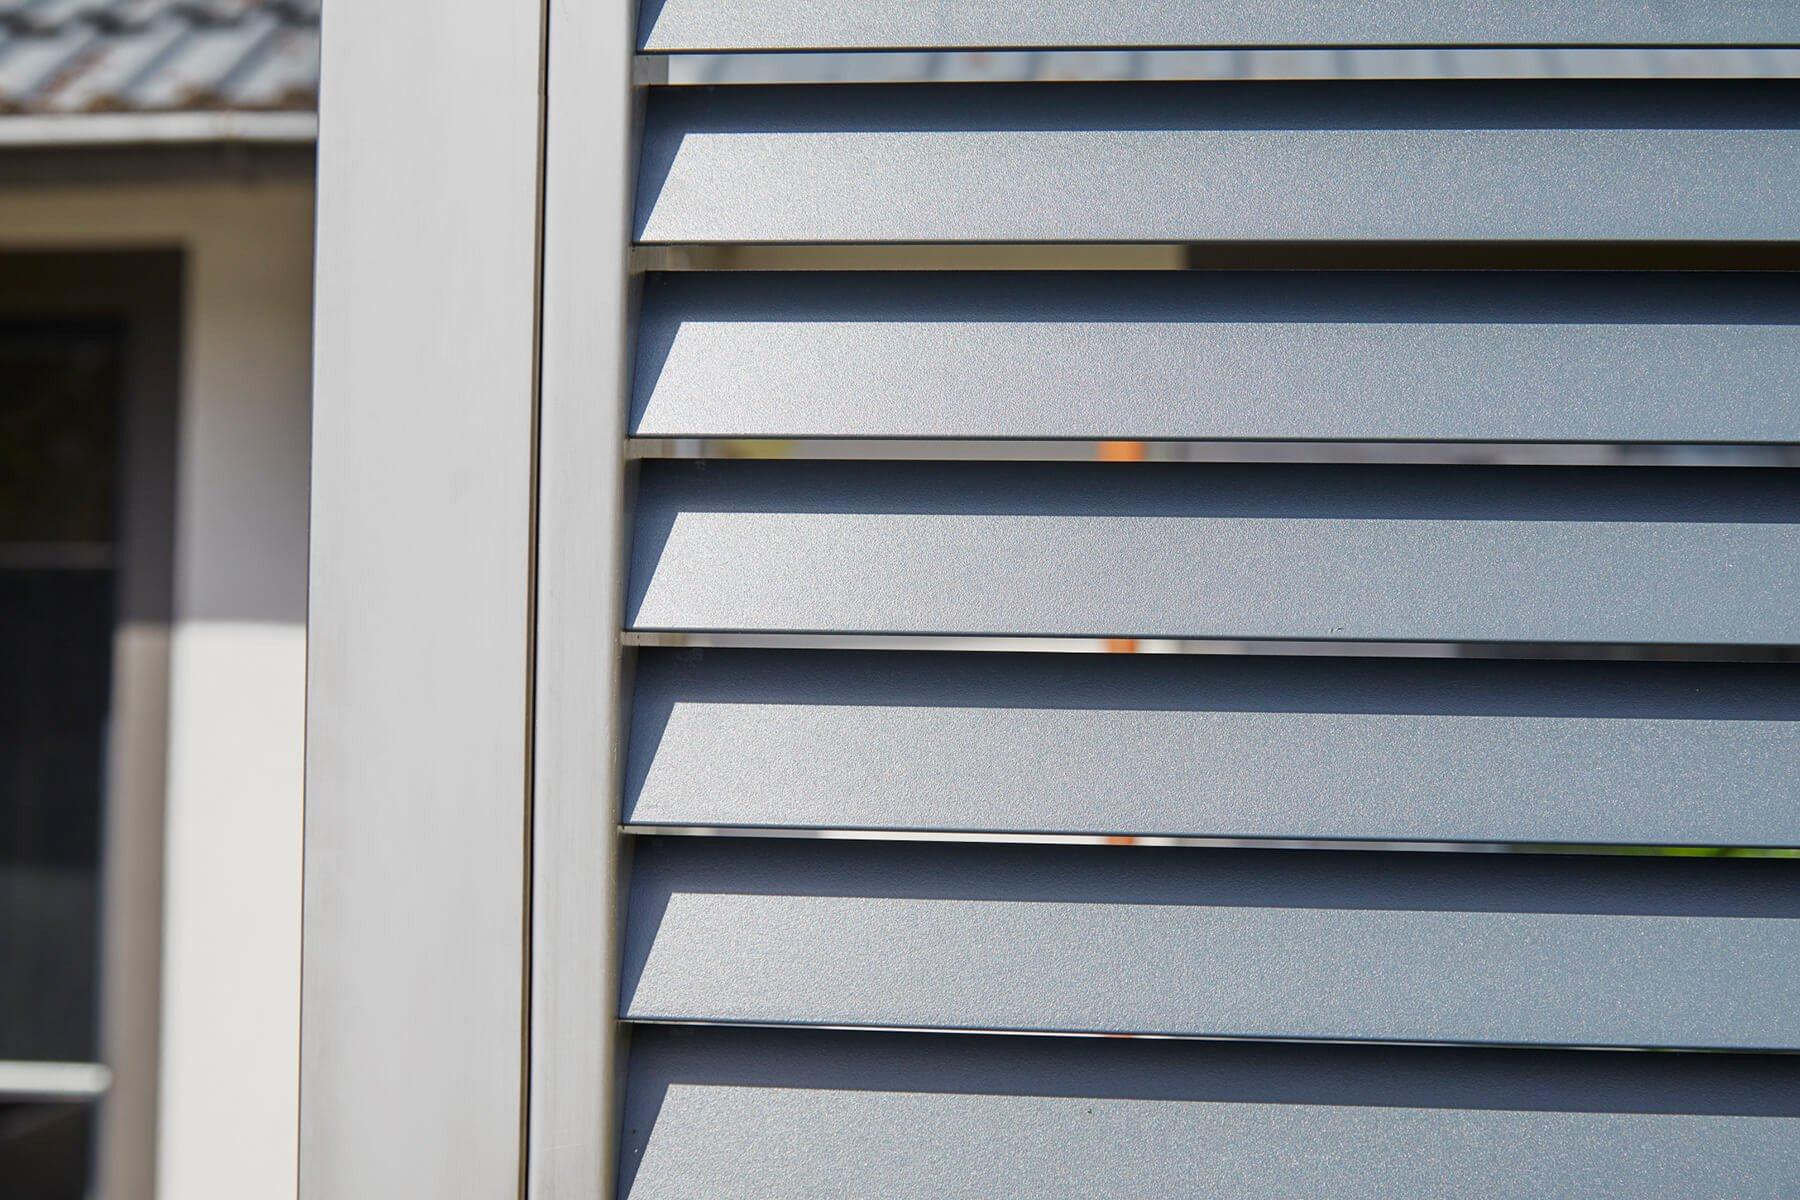 lamellenzaun-porto-mit-lamellen-aus-aluminium-in-anthrazit- Und-weiteren-farben-pulverbeschichtung-nach-wunschMustertext